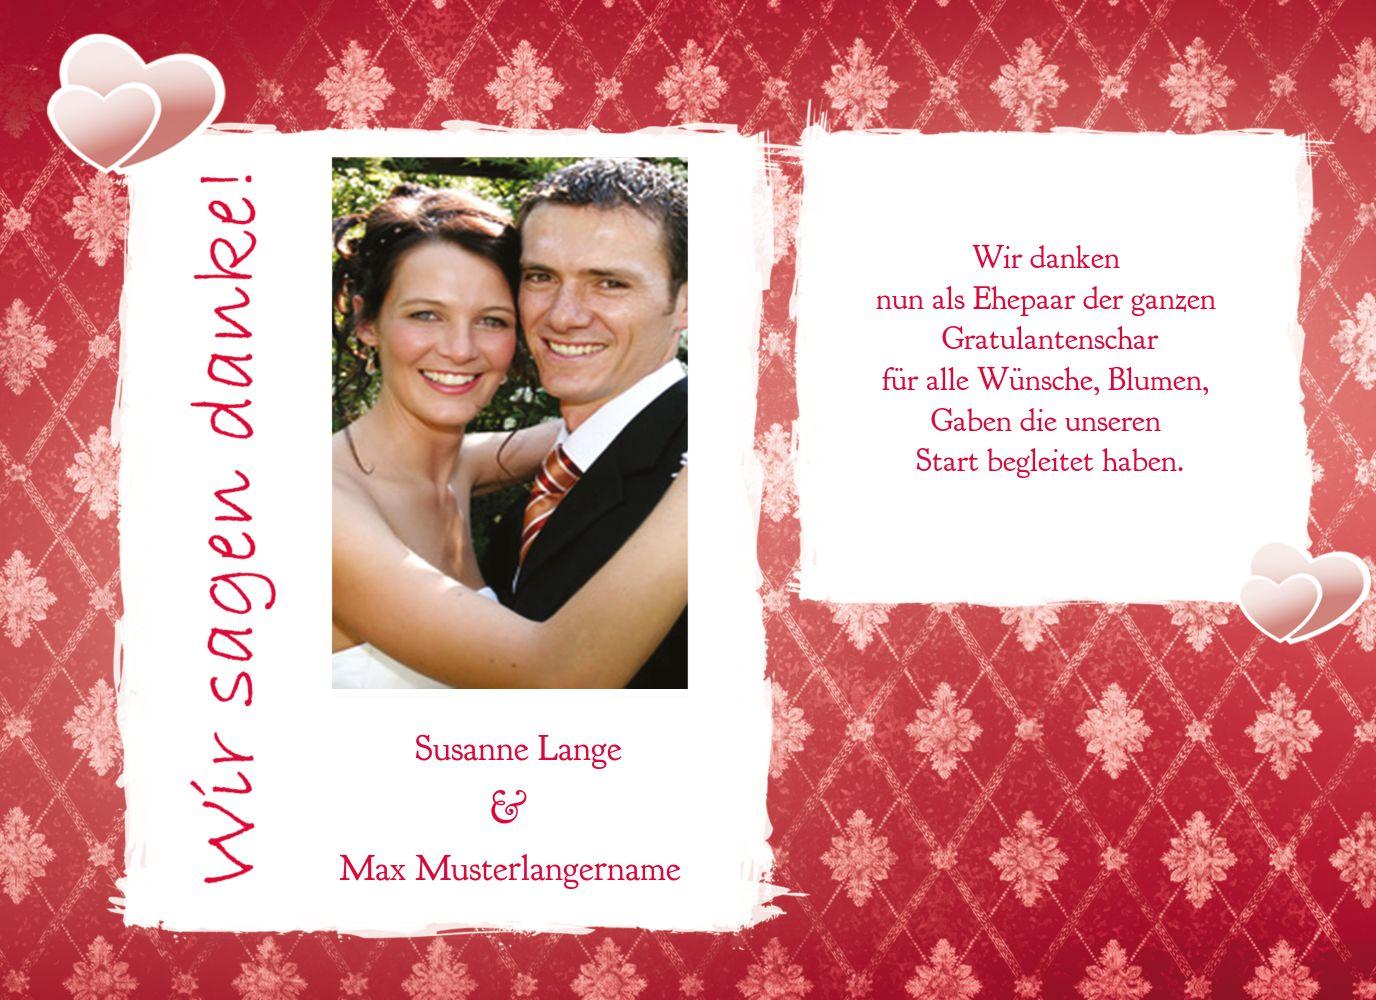 Ansicht 4 - Hochzeit Danke 3 Liebesbündnis